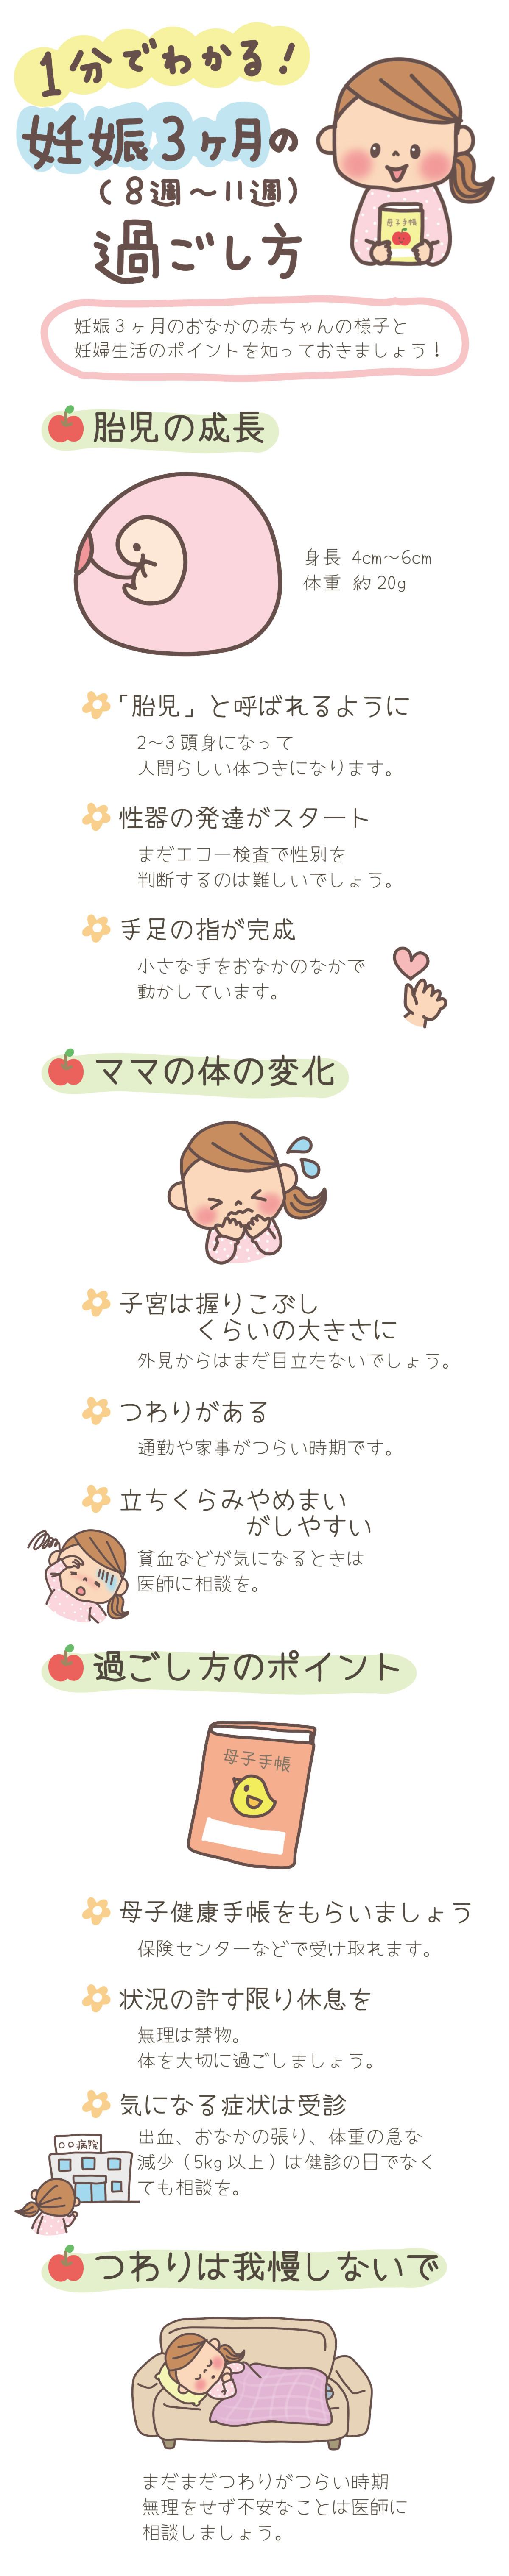 ヘルペス 妊婦 口唇